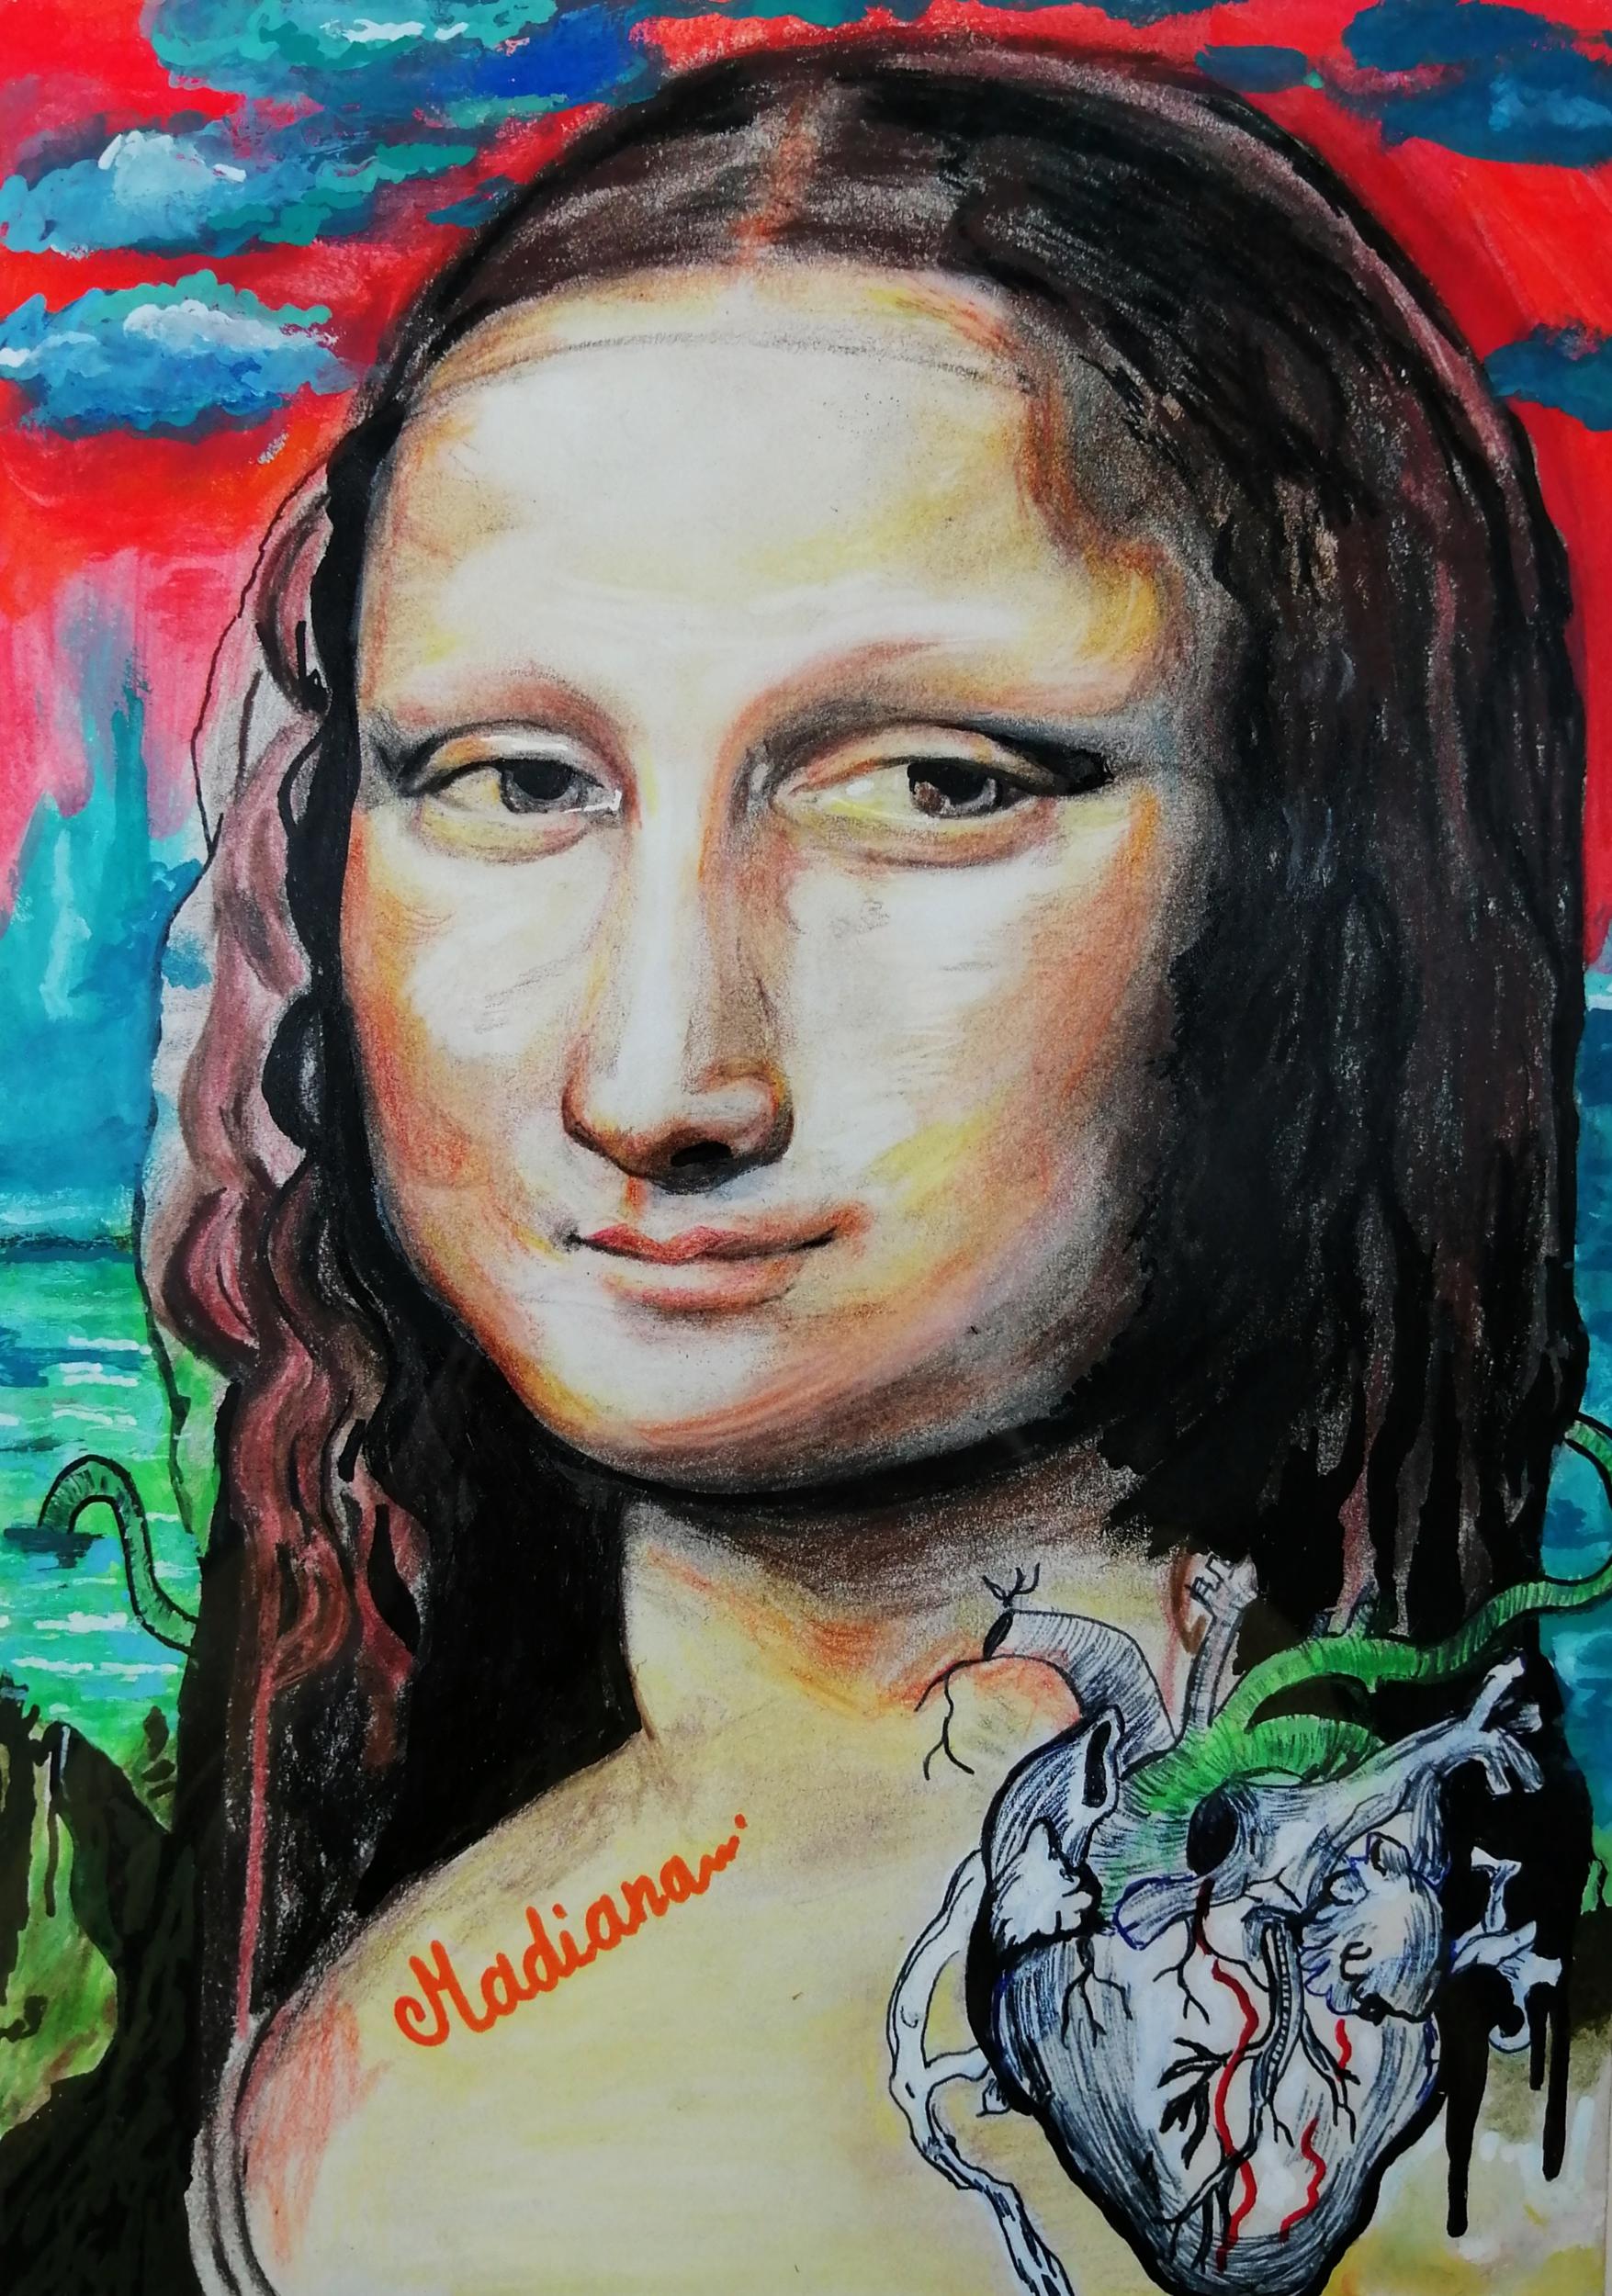 reproduction sur toile la joconde contemporain art artiste